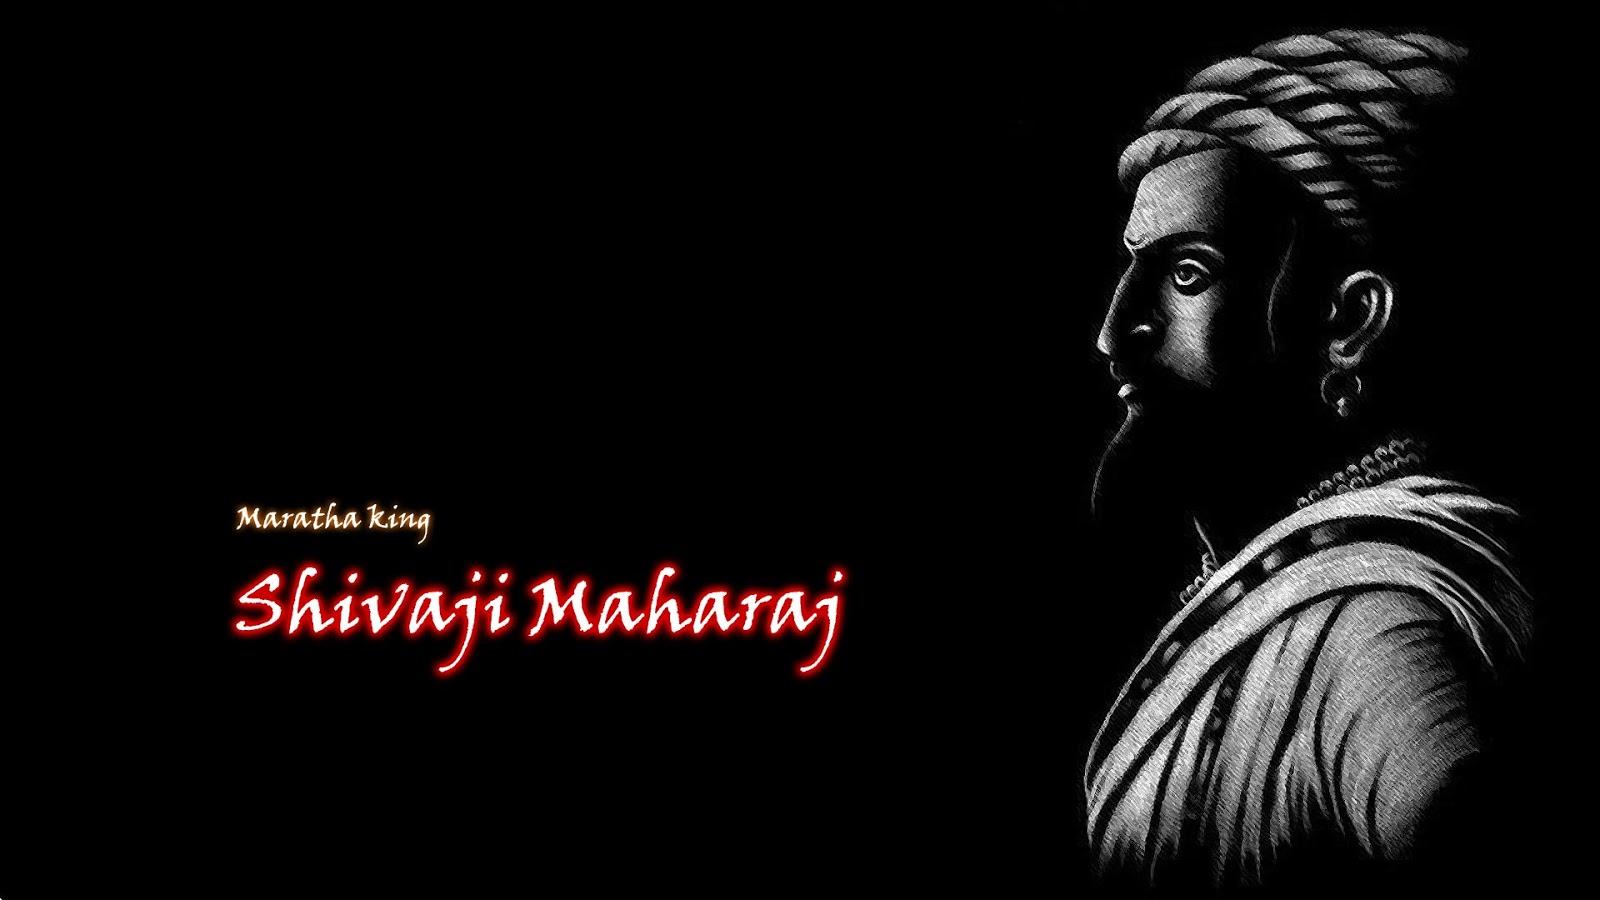 Dragon 3d Wallpaper Desktop Wallpaper Shivaji Maharaj Hd Wallpaper